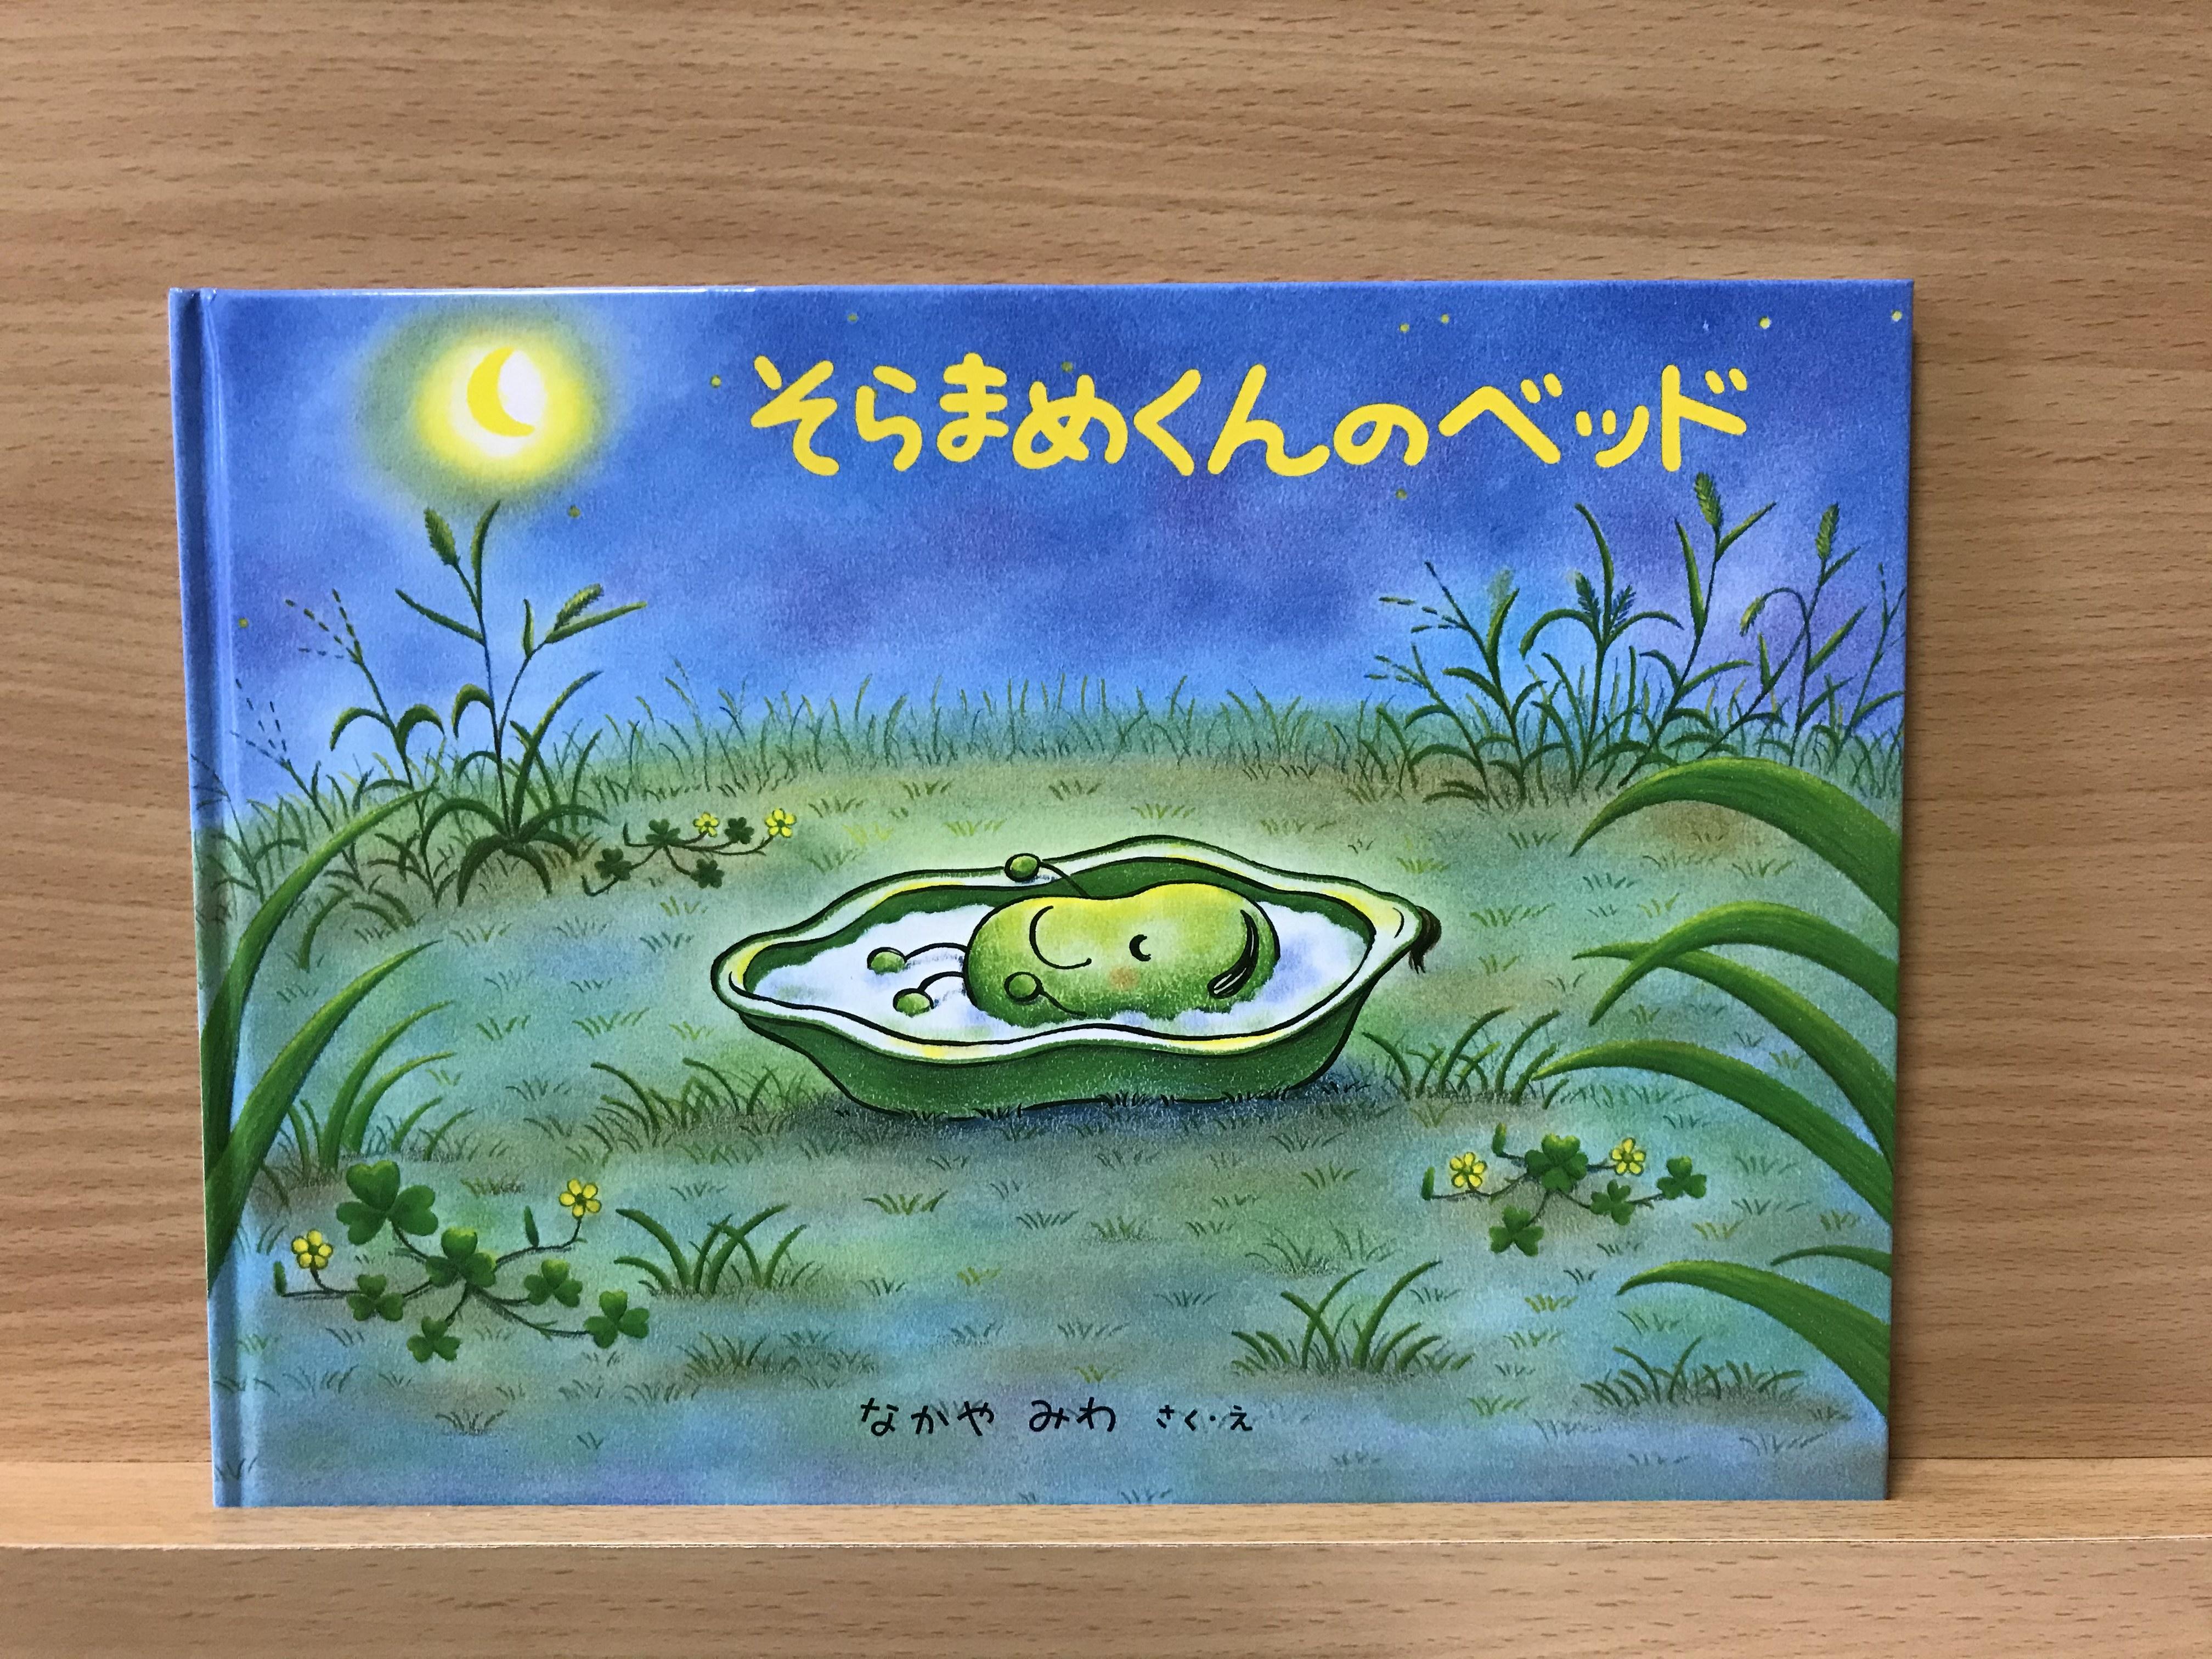 「本好きな子に育ったら子育ては成功なんだよ」by 七田眞